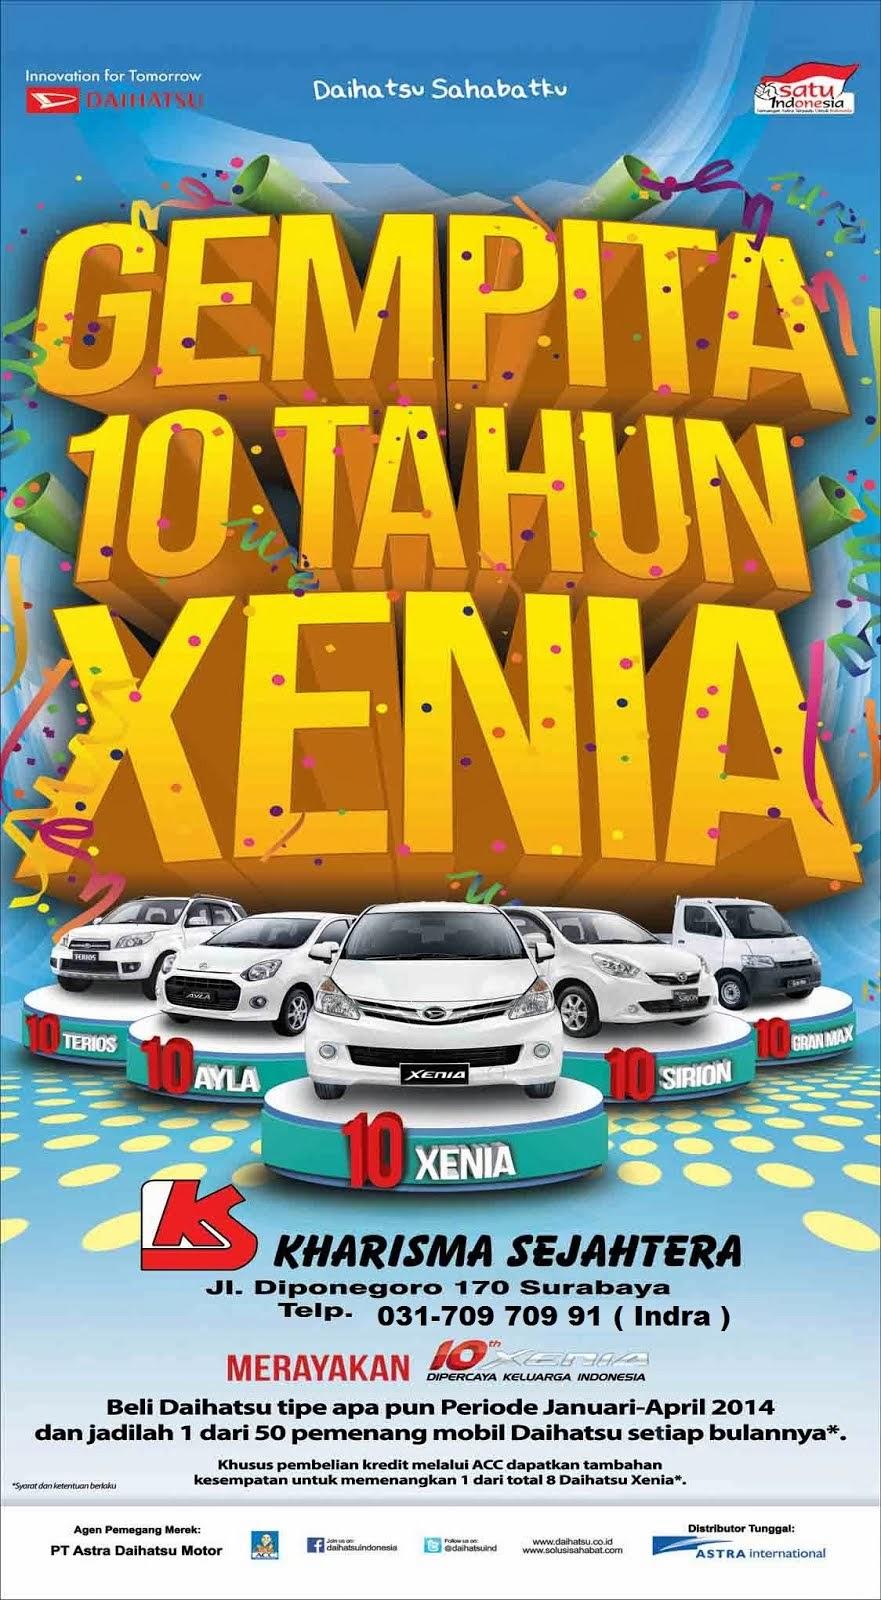 Promo Daihatsu Surabaya